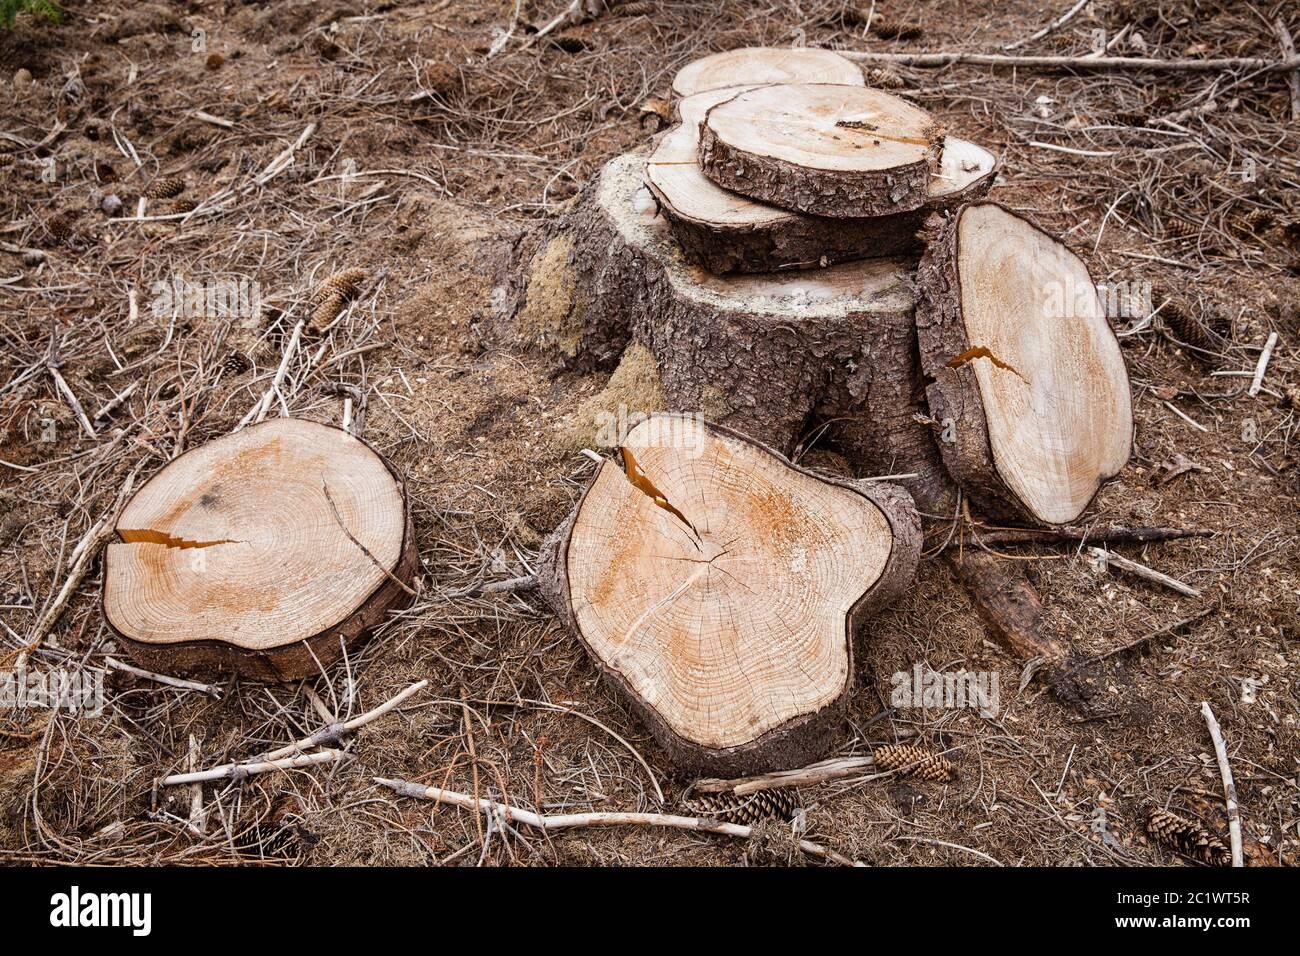 Fette di abete rosso gelificato nella foresta di Koenigsnei pressi di Colonia, Renania settentrionale-Vestfalia, Germania. Scheiben einer gefaellten Fichte im Koenigsforst bei Ko Foto Stock